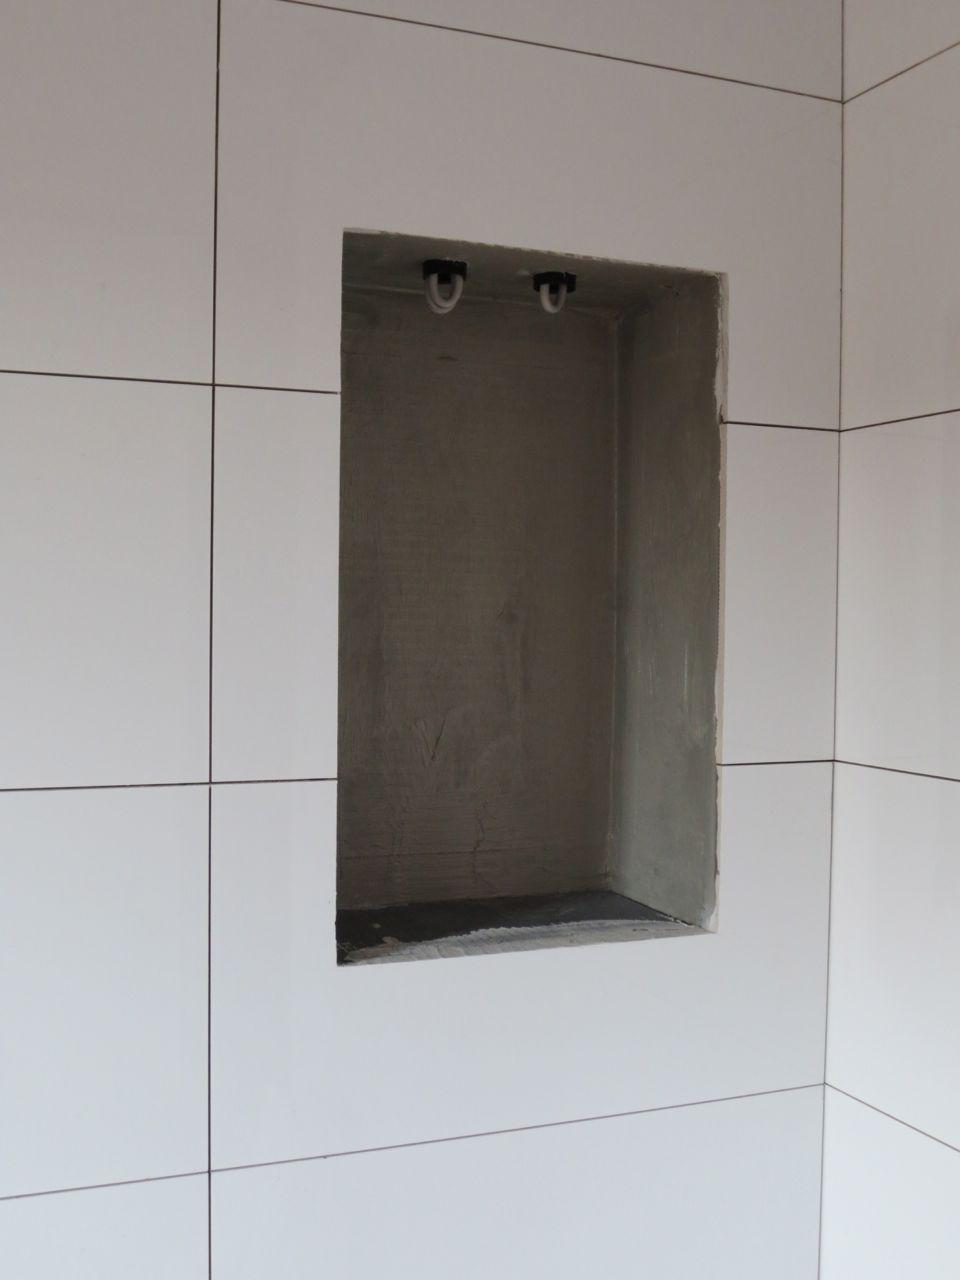 wir bauen in remagen fliesen ii badewanne. Black Bedroom Furniture Sets. Home Design Ideas